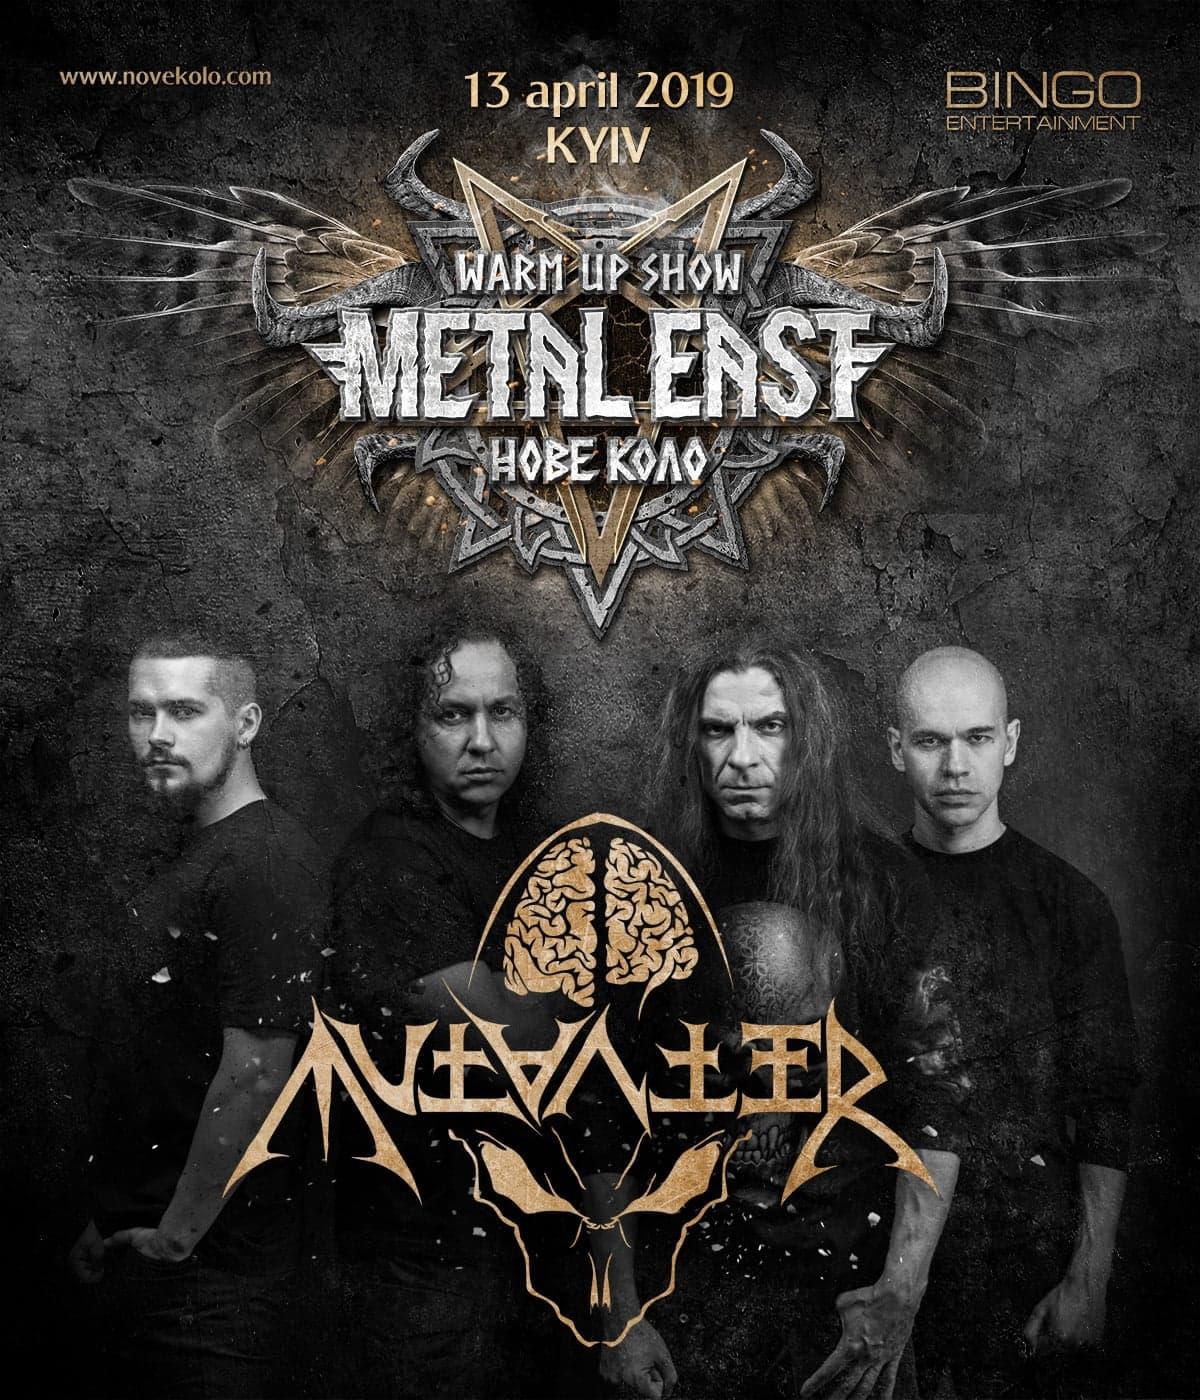 """13 квітня 2019 року MUTANTER гратимуть для вас на сцені warm-up вечірки Metal East Nove Kolo в київському клубі """"Бінго"""""""